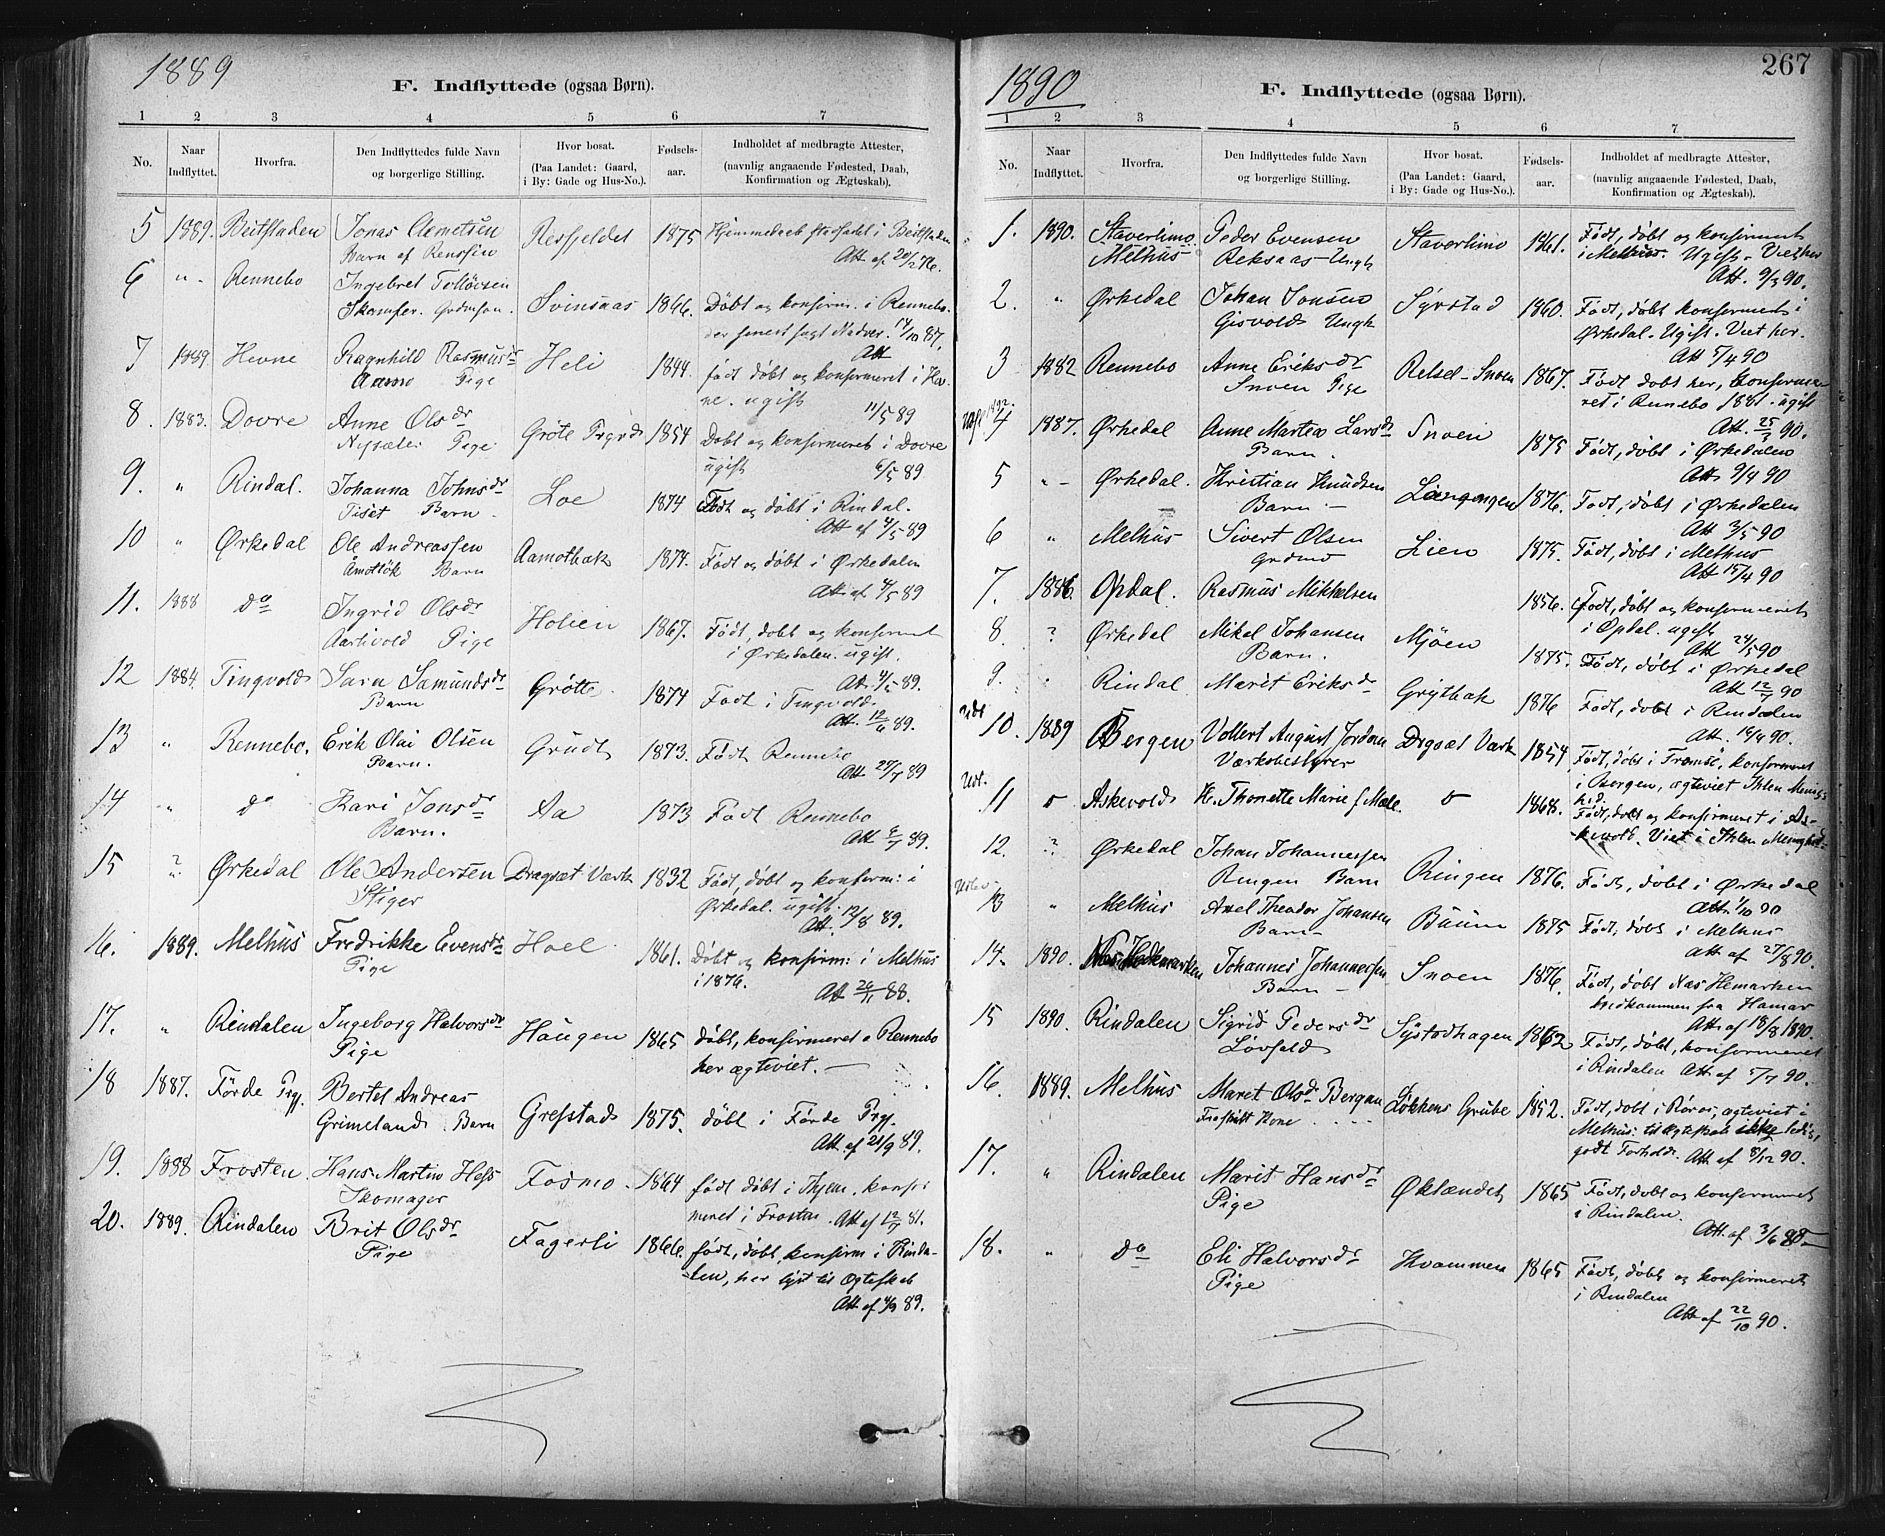 SAT, Ministerialprotokoller, klokkerbøker og fødselsregistre - Sør-Trøndelag, 672/L0857: Ministerialbok nr. 672A09, 1882-1893, s. 267